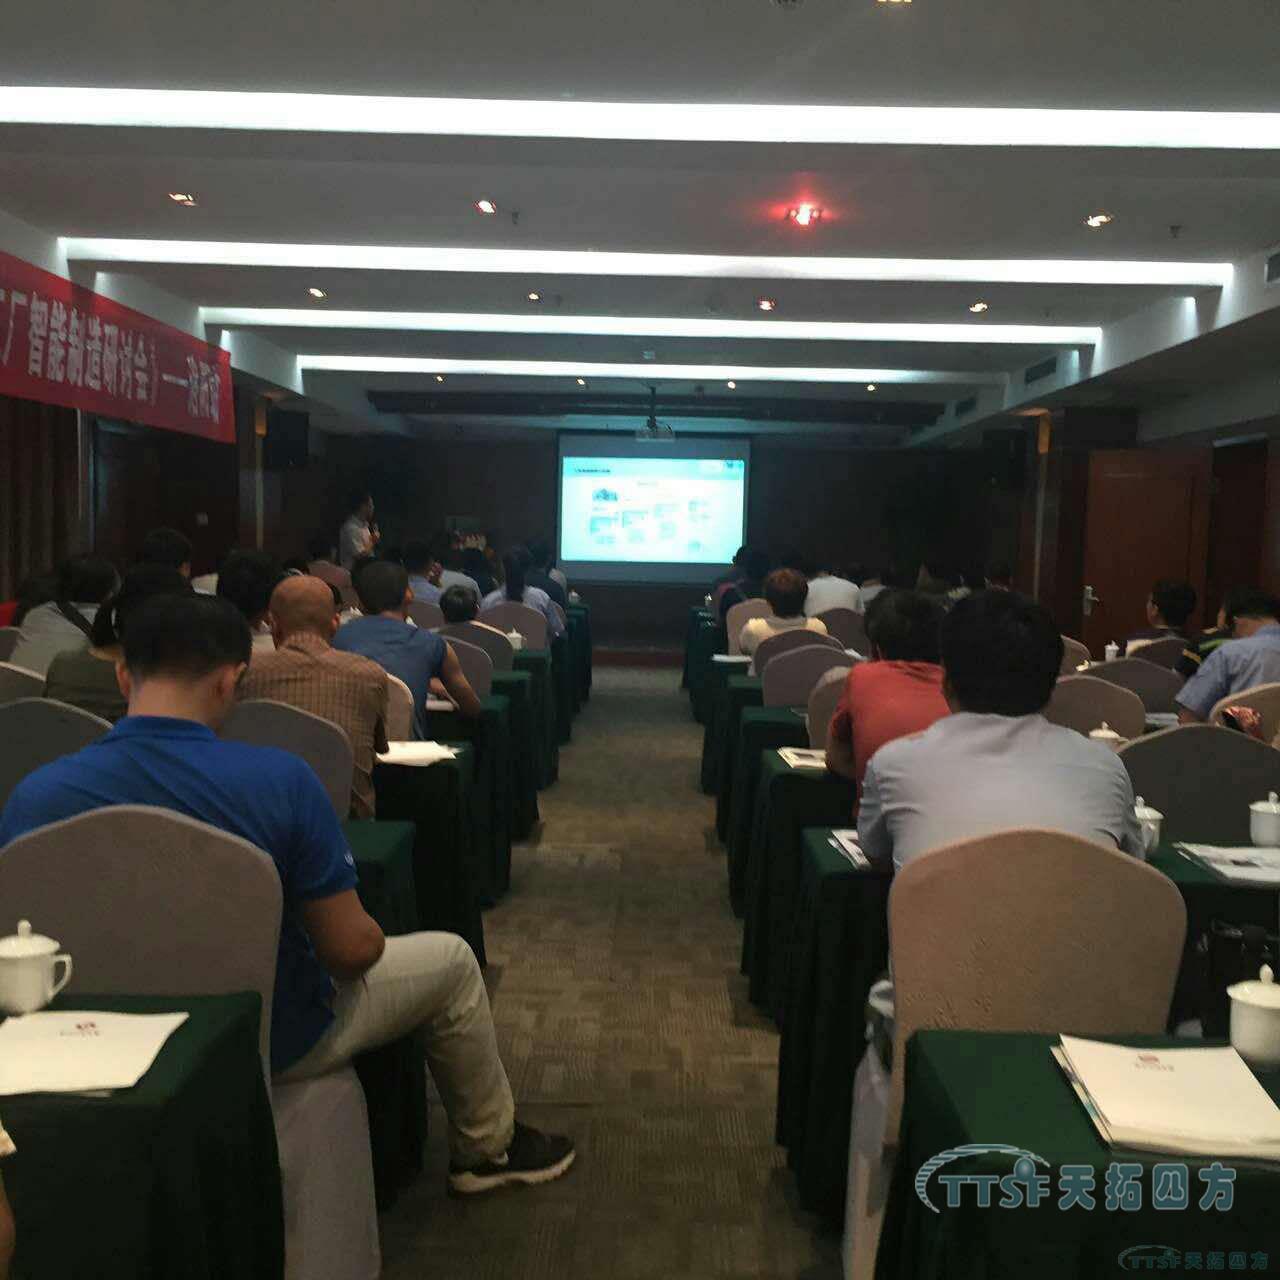 洛阳站天拓四方&西门子助力数字化工厂智能制造研讨会成功举办